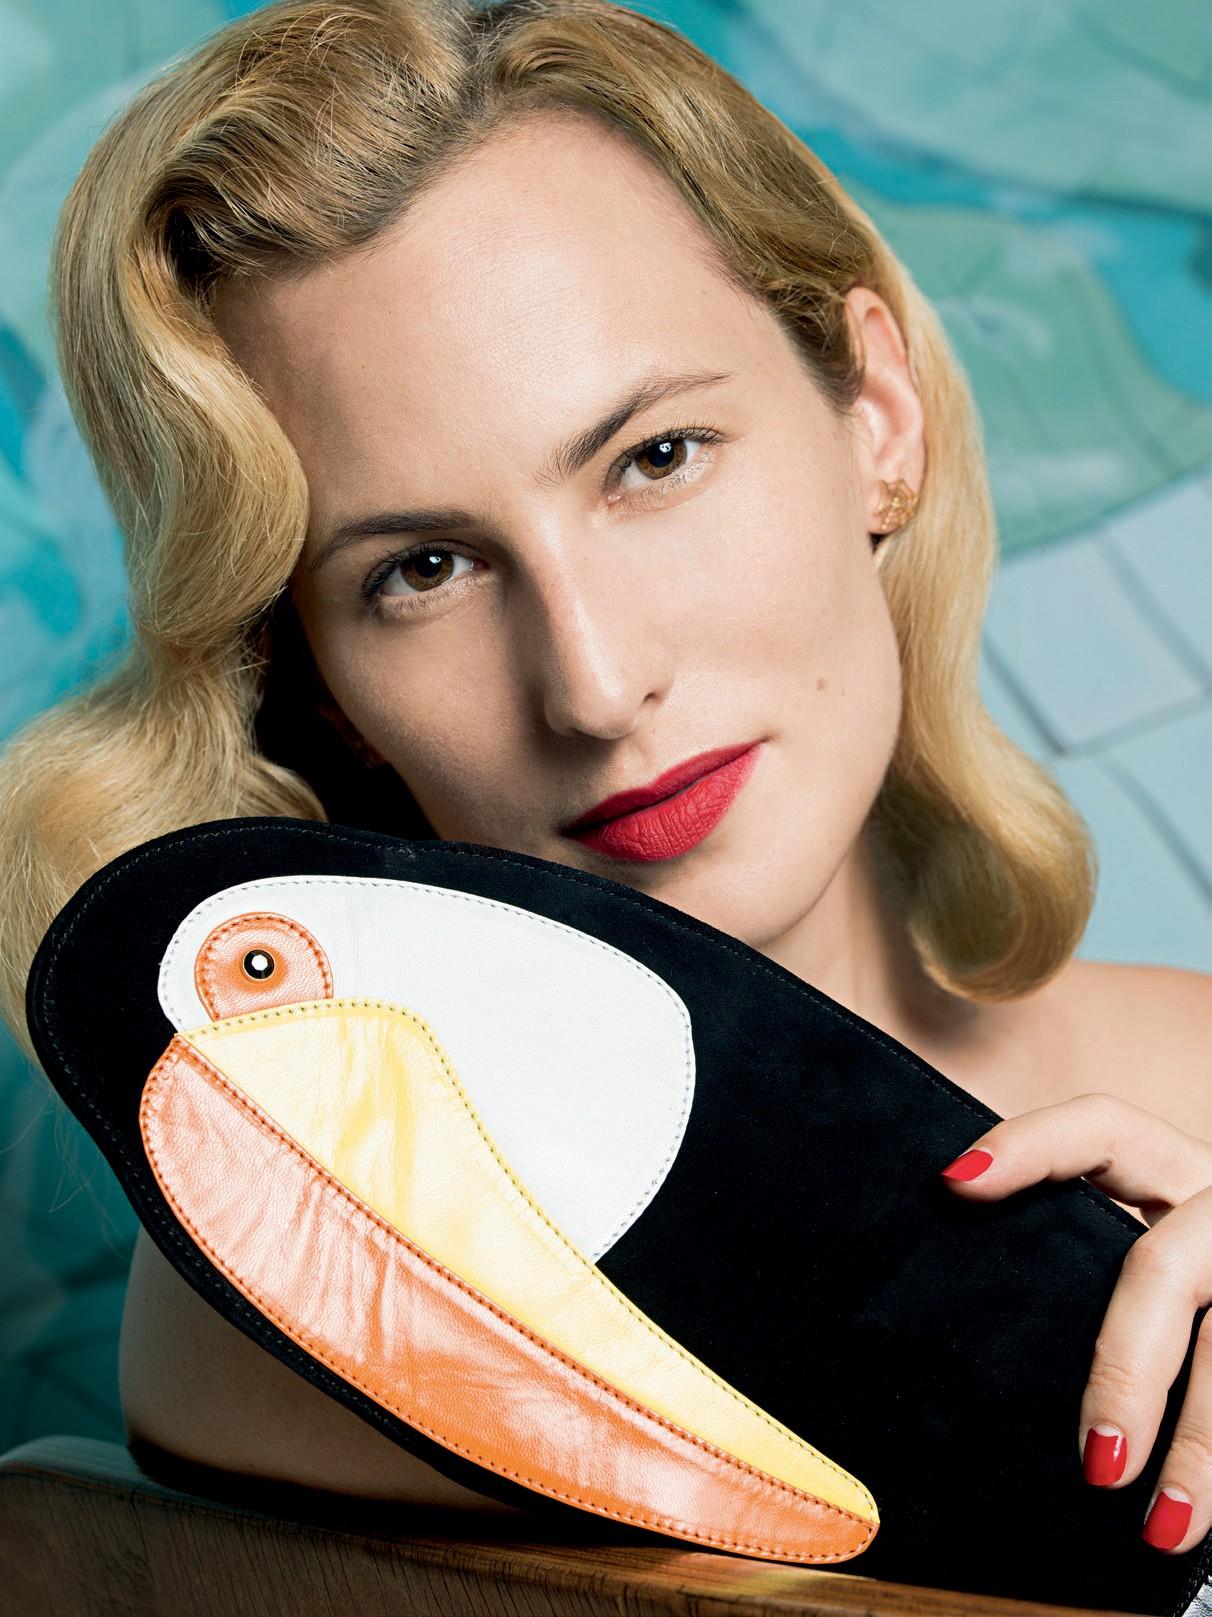 A designer com clutch de sua marca (Foto: Vicente De Paulo)